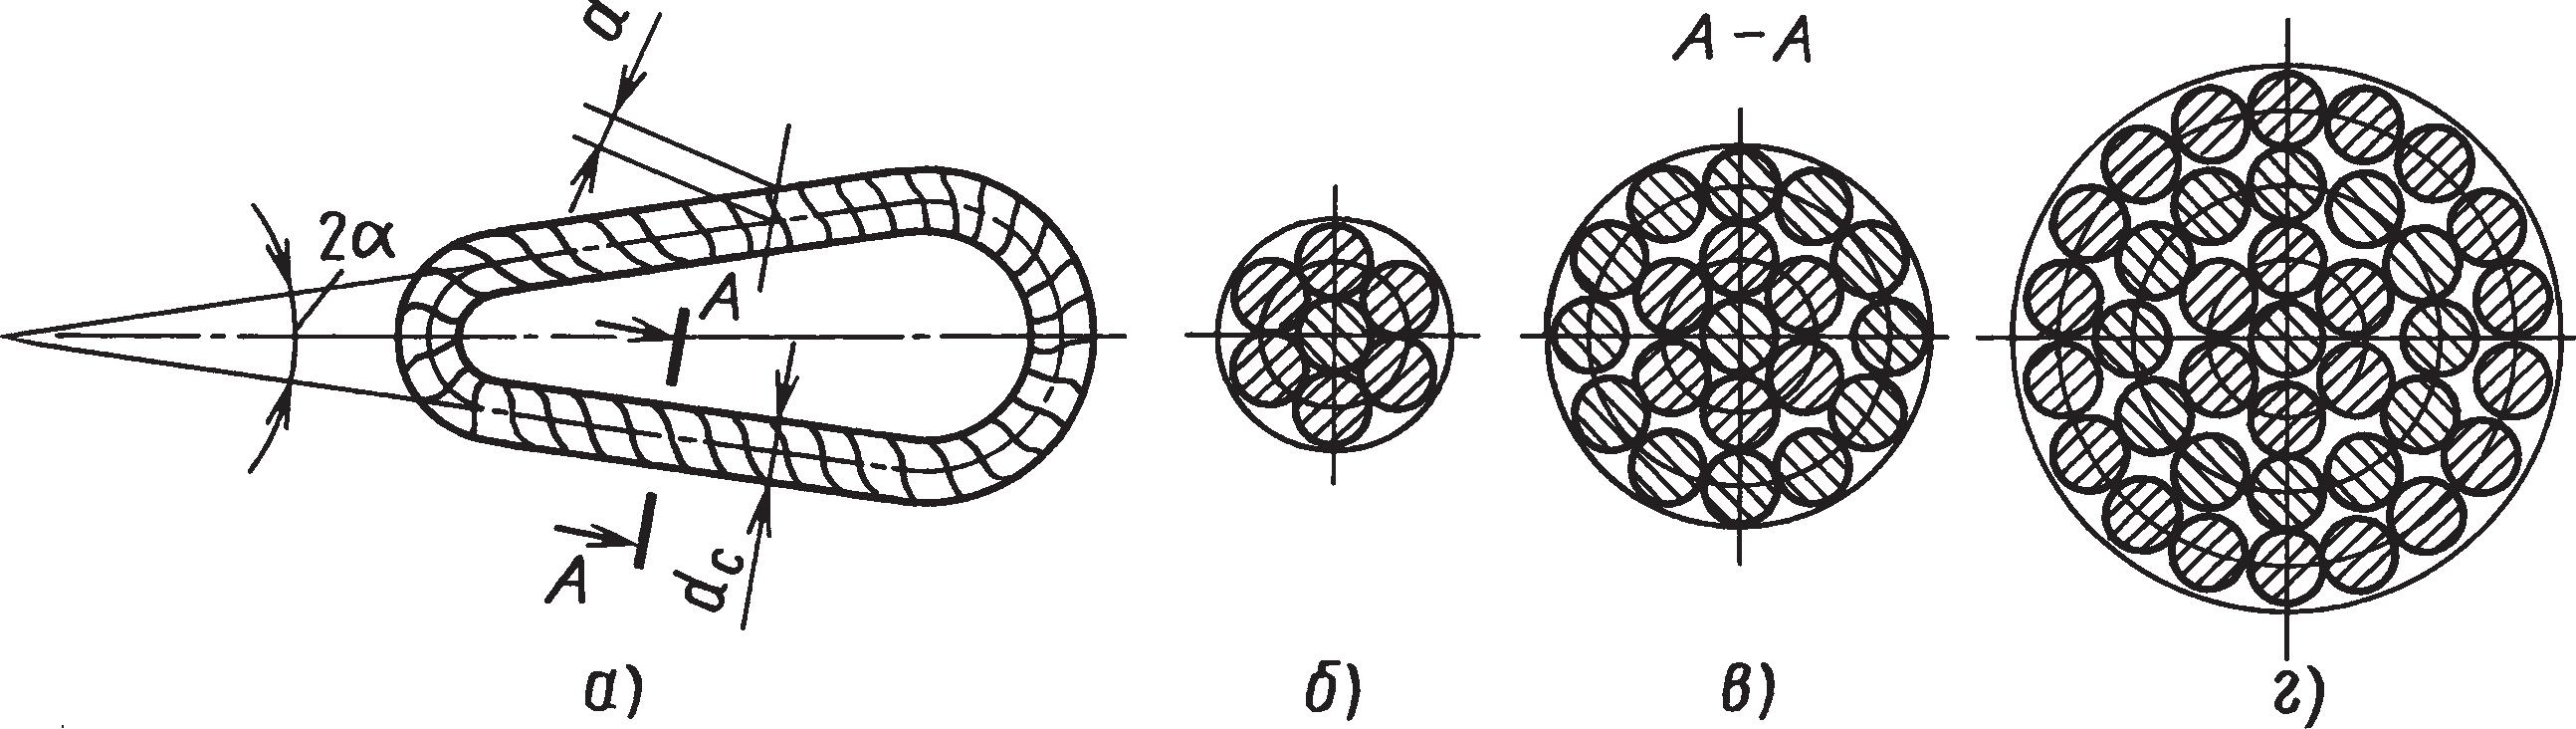 Витой строп и его поперечное сечение из 7 , 19 и 37 витков